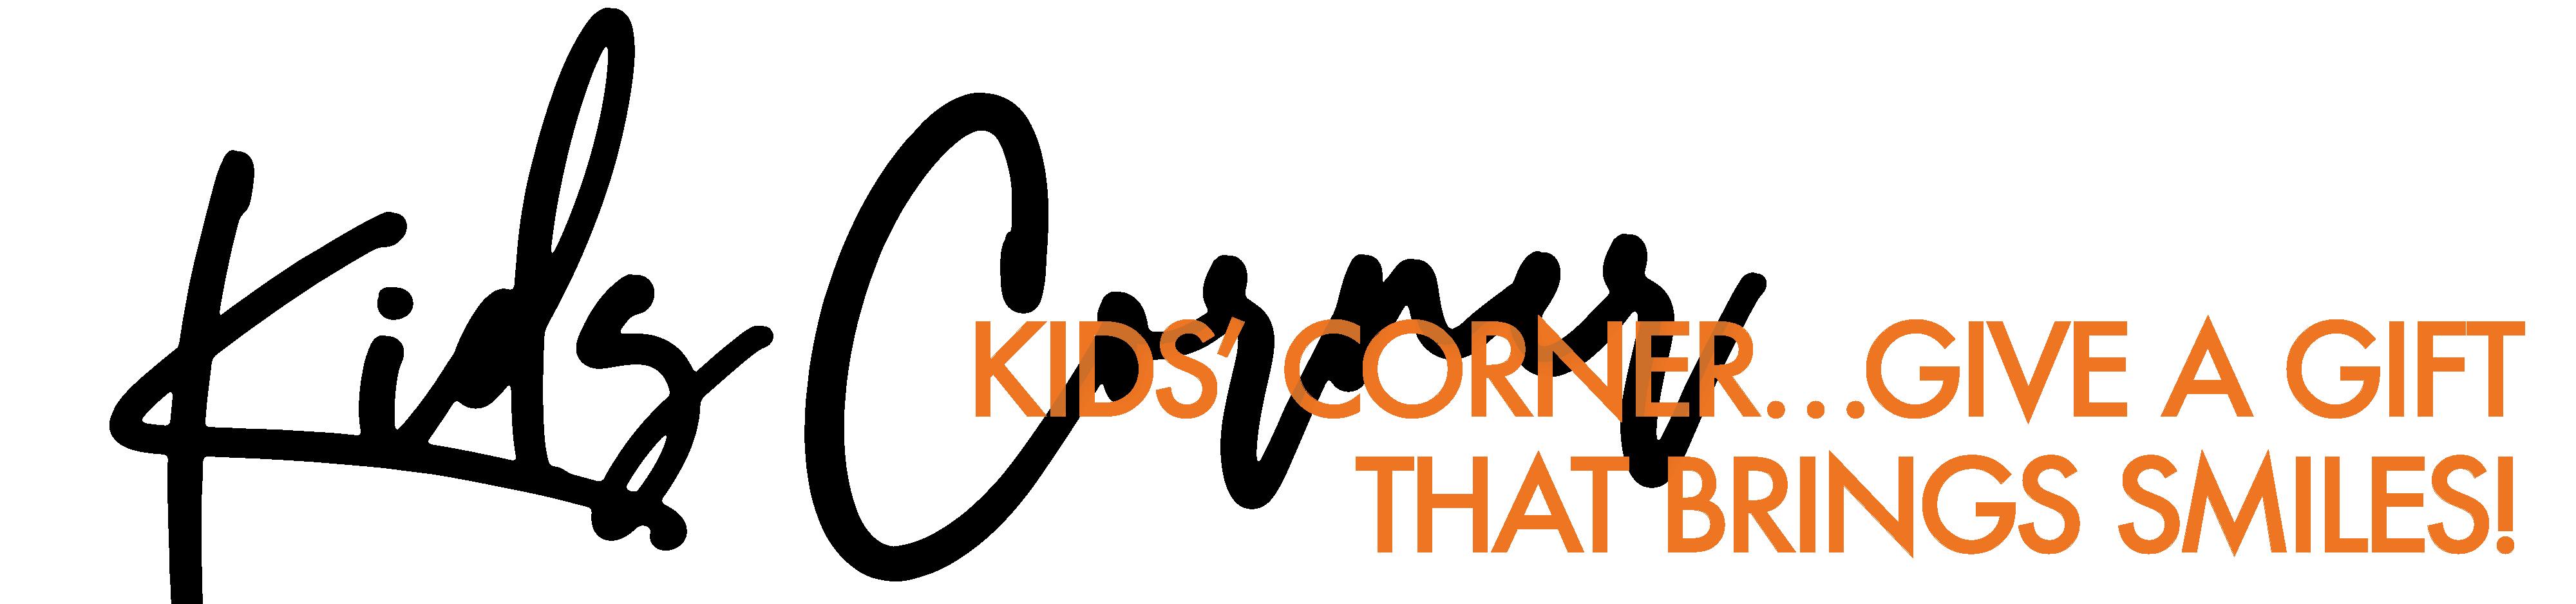 Spring-GC-2020-Kids-Corner.png